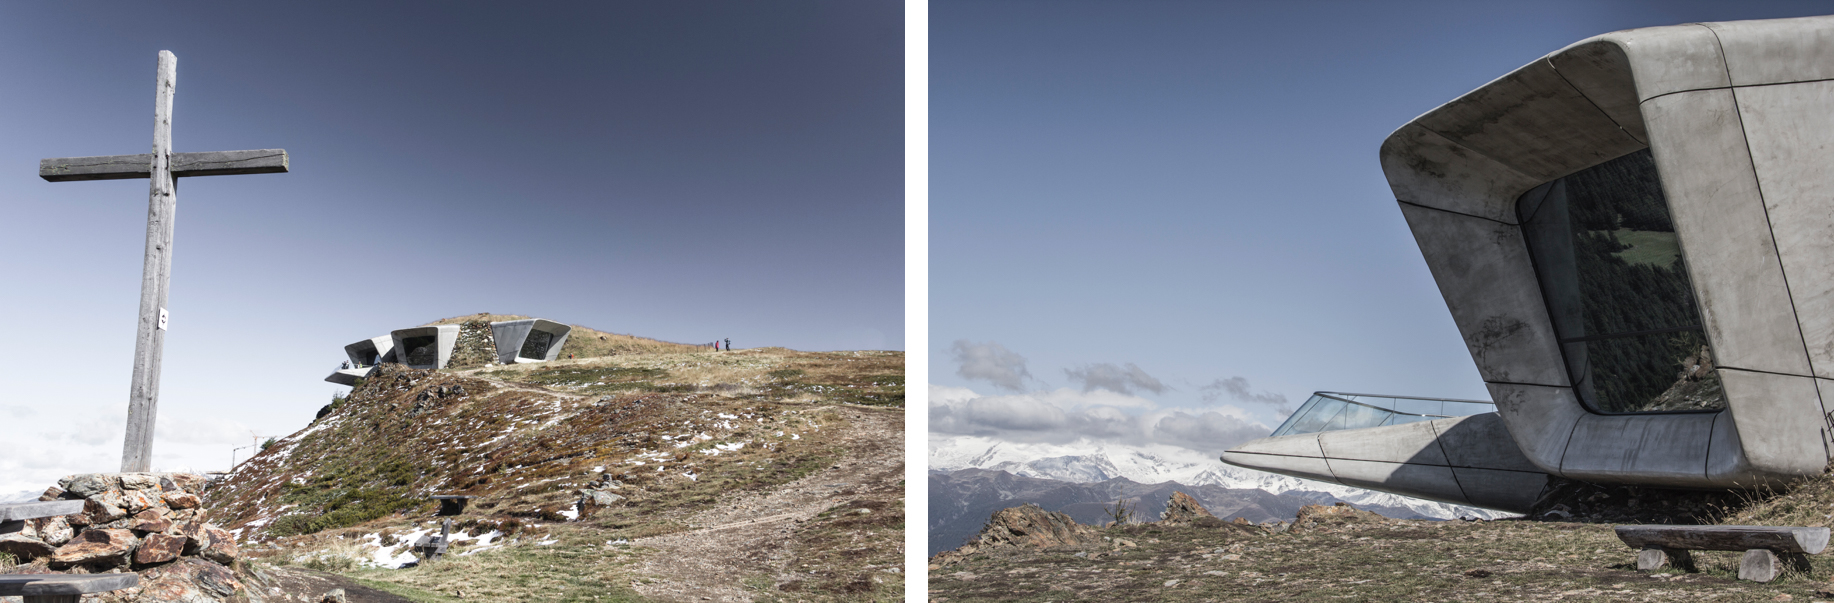 Le Messner Mountain Museum de Corona, dans les Dolomites.